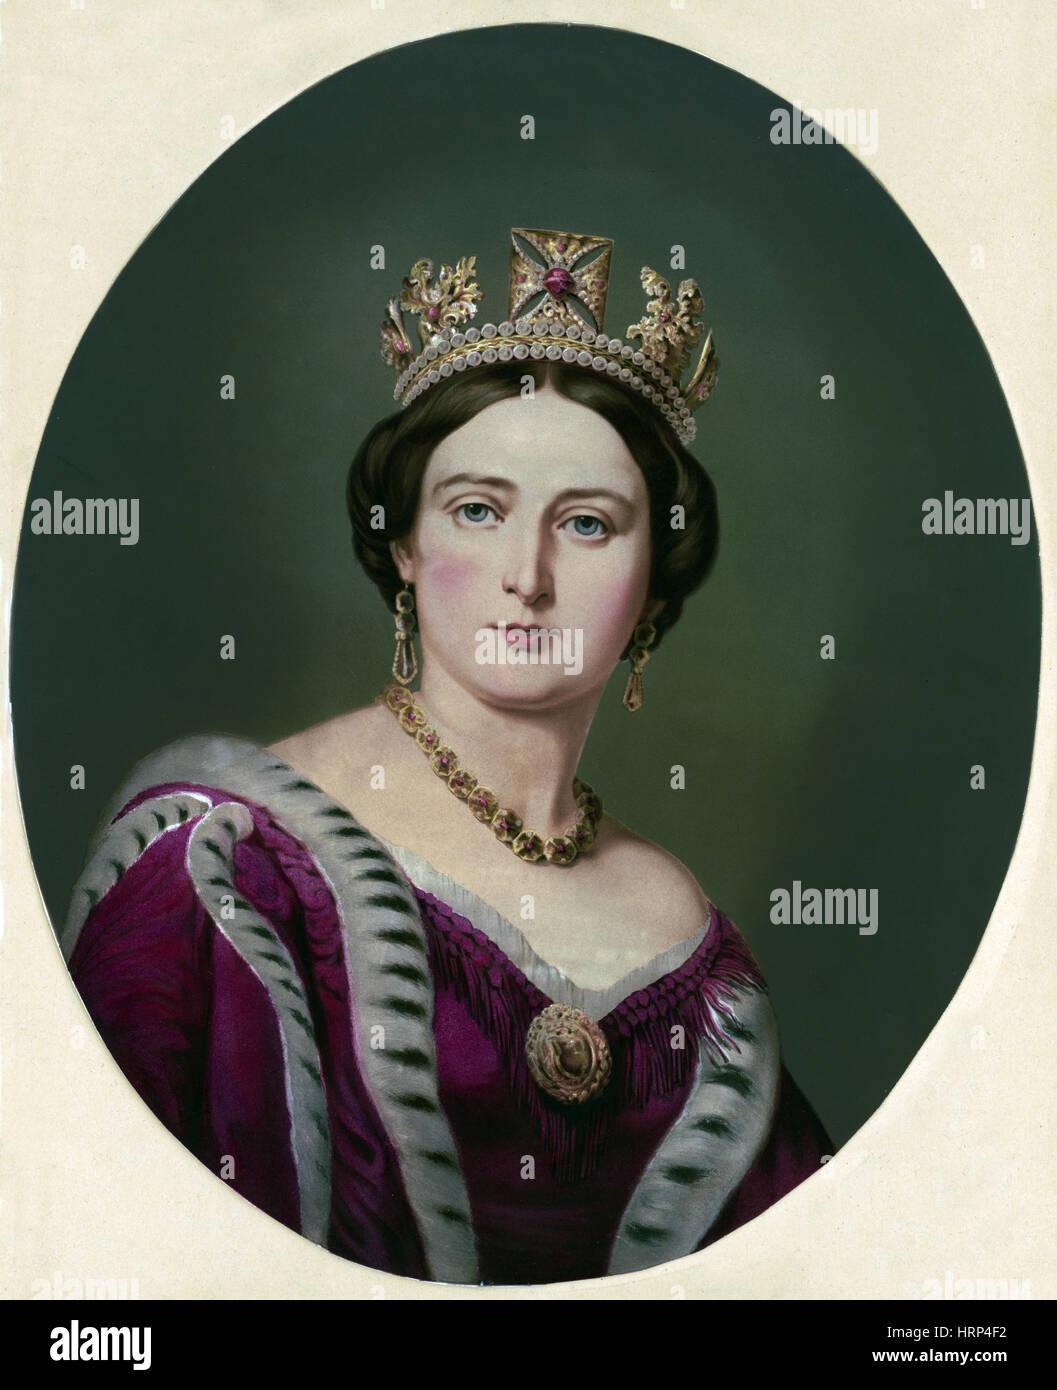 Victoria, reine d'Angleterre Photo Stock